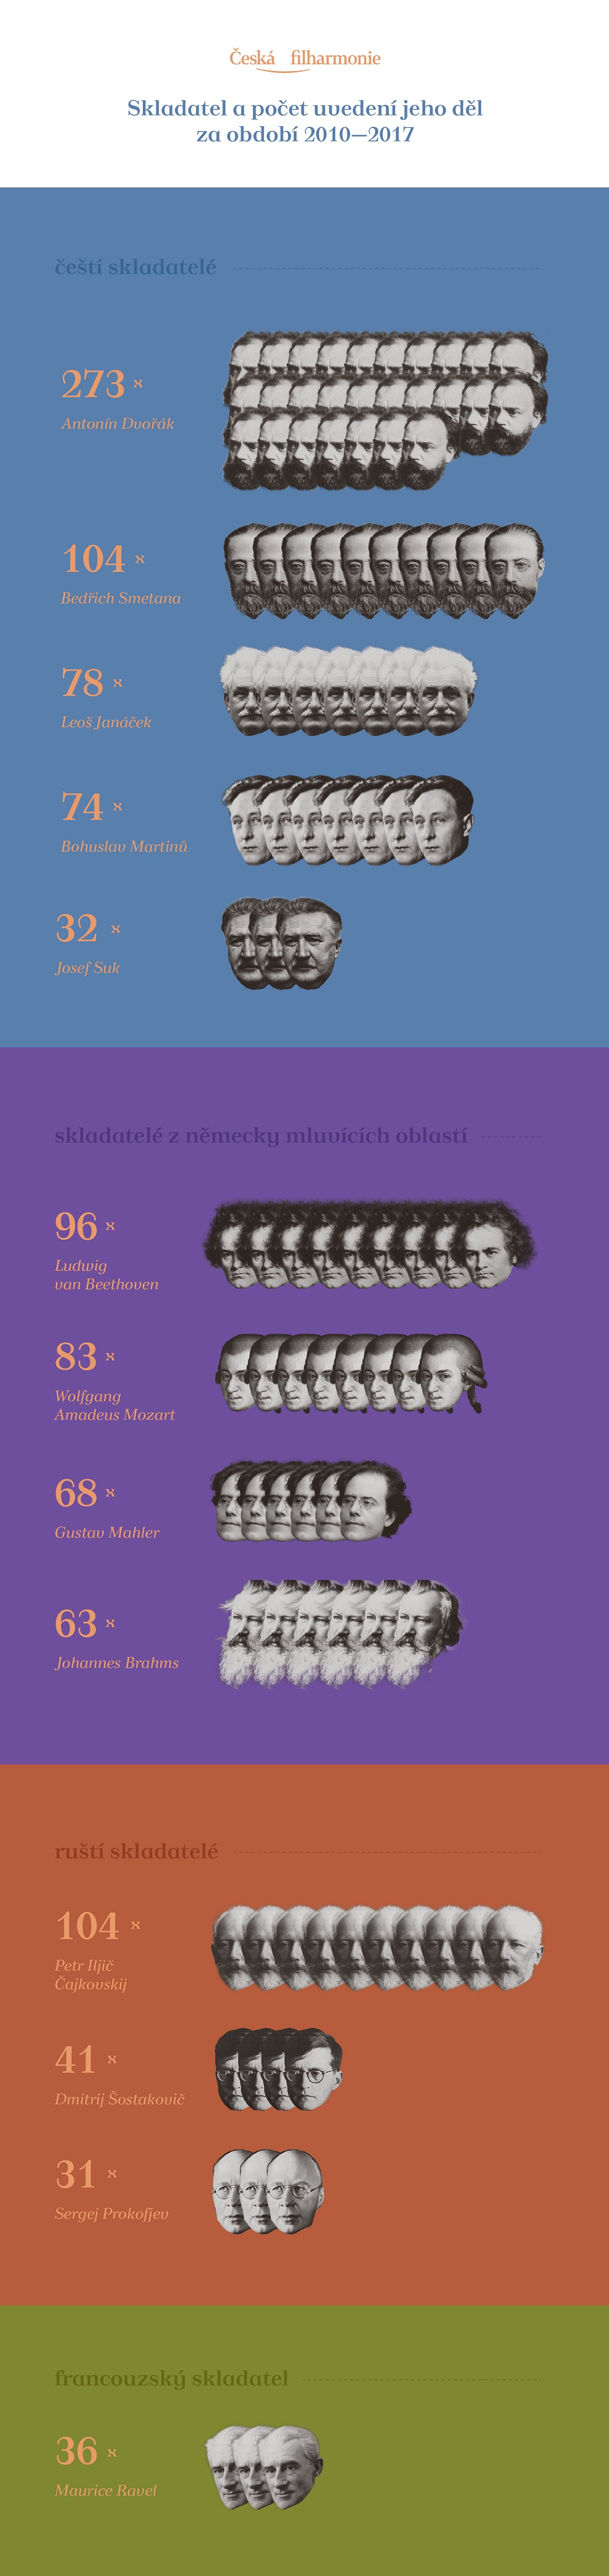 Repertoár České filharmonie v letech 2010-2017, infografika Michal Ocilka